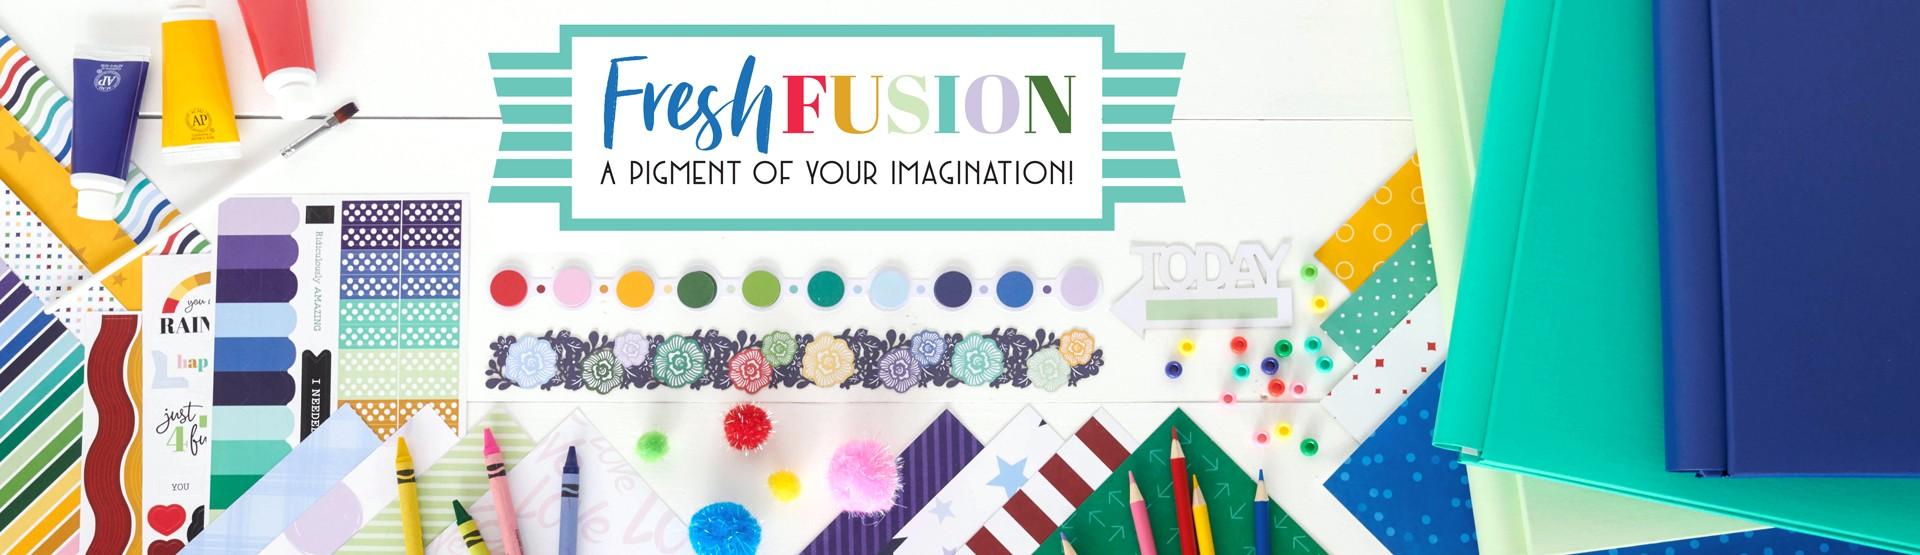 Mix & Match Scrapbook Supplies: Fresh Fusion